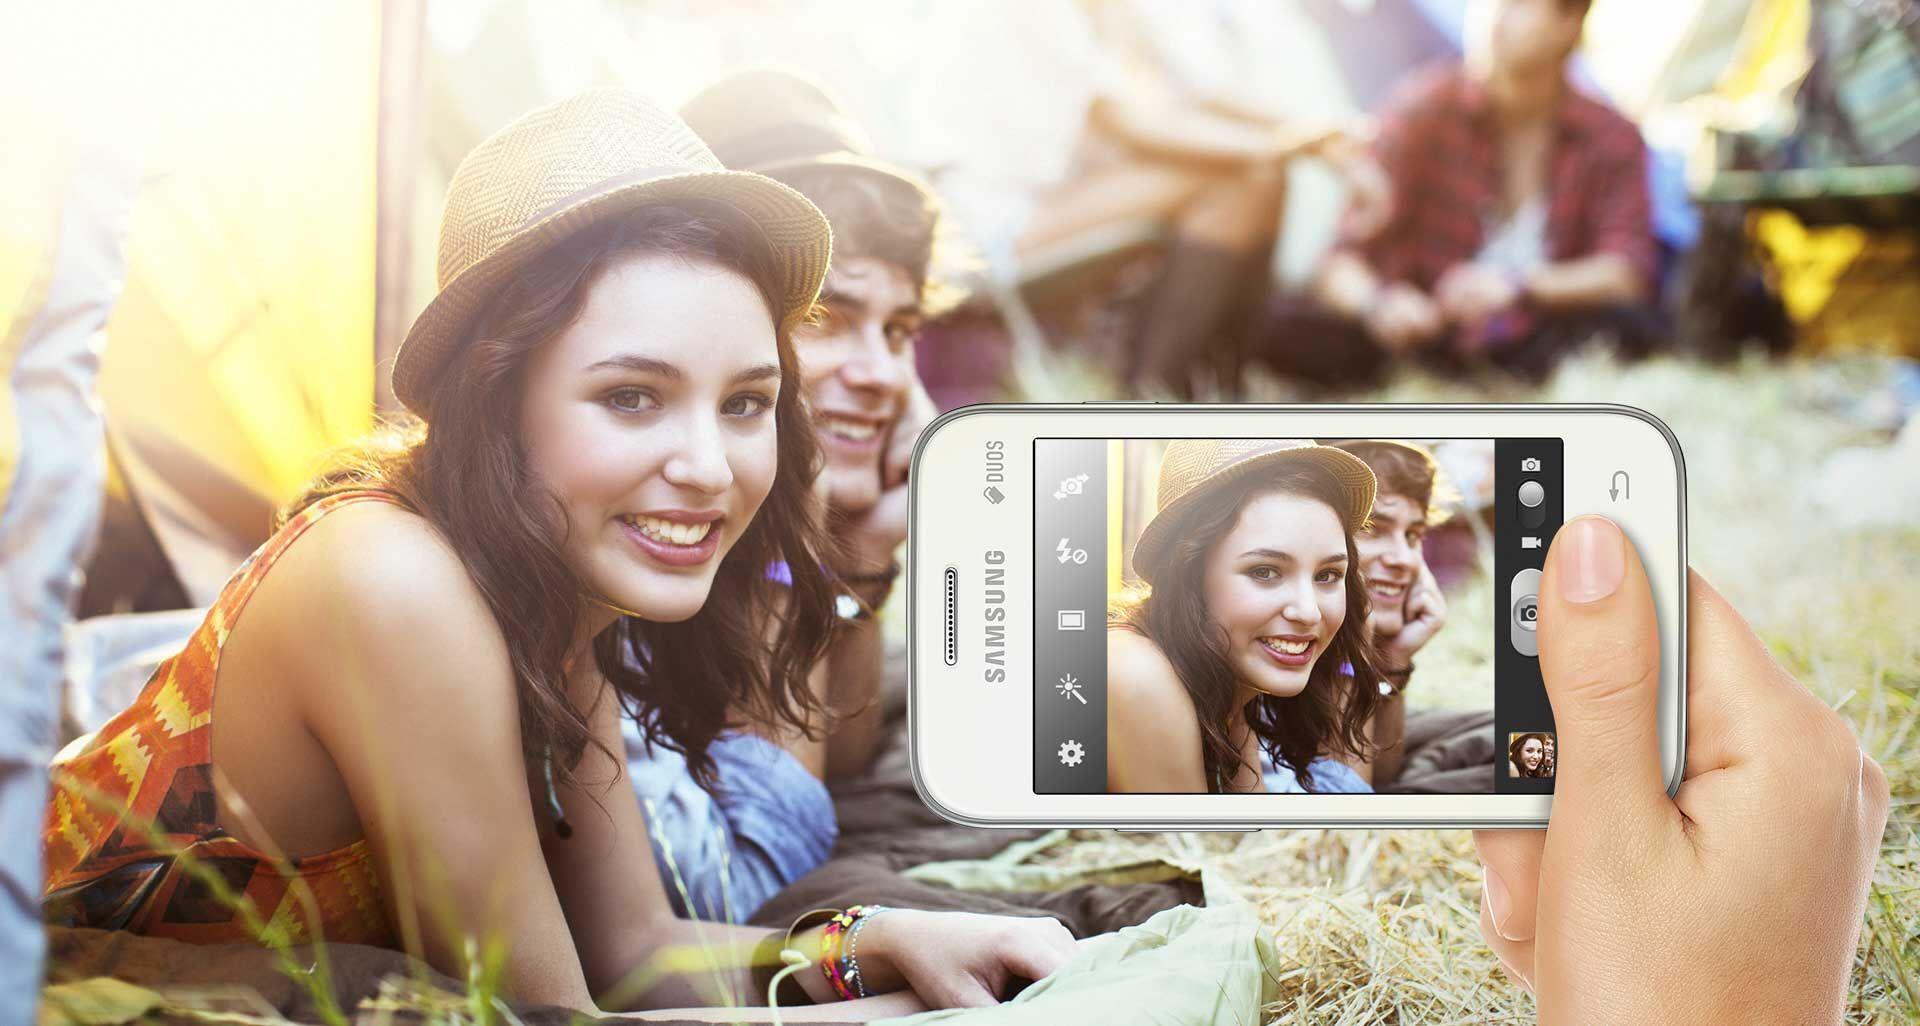 Samsung Galaxy Star 2 Androïd 4.4 KitKat. Ecran 3,5